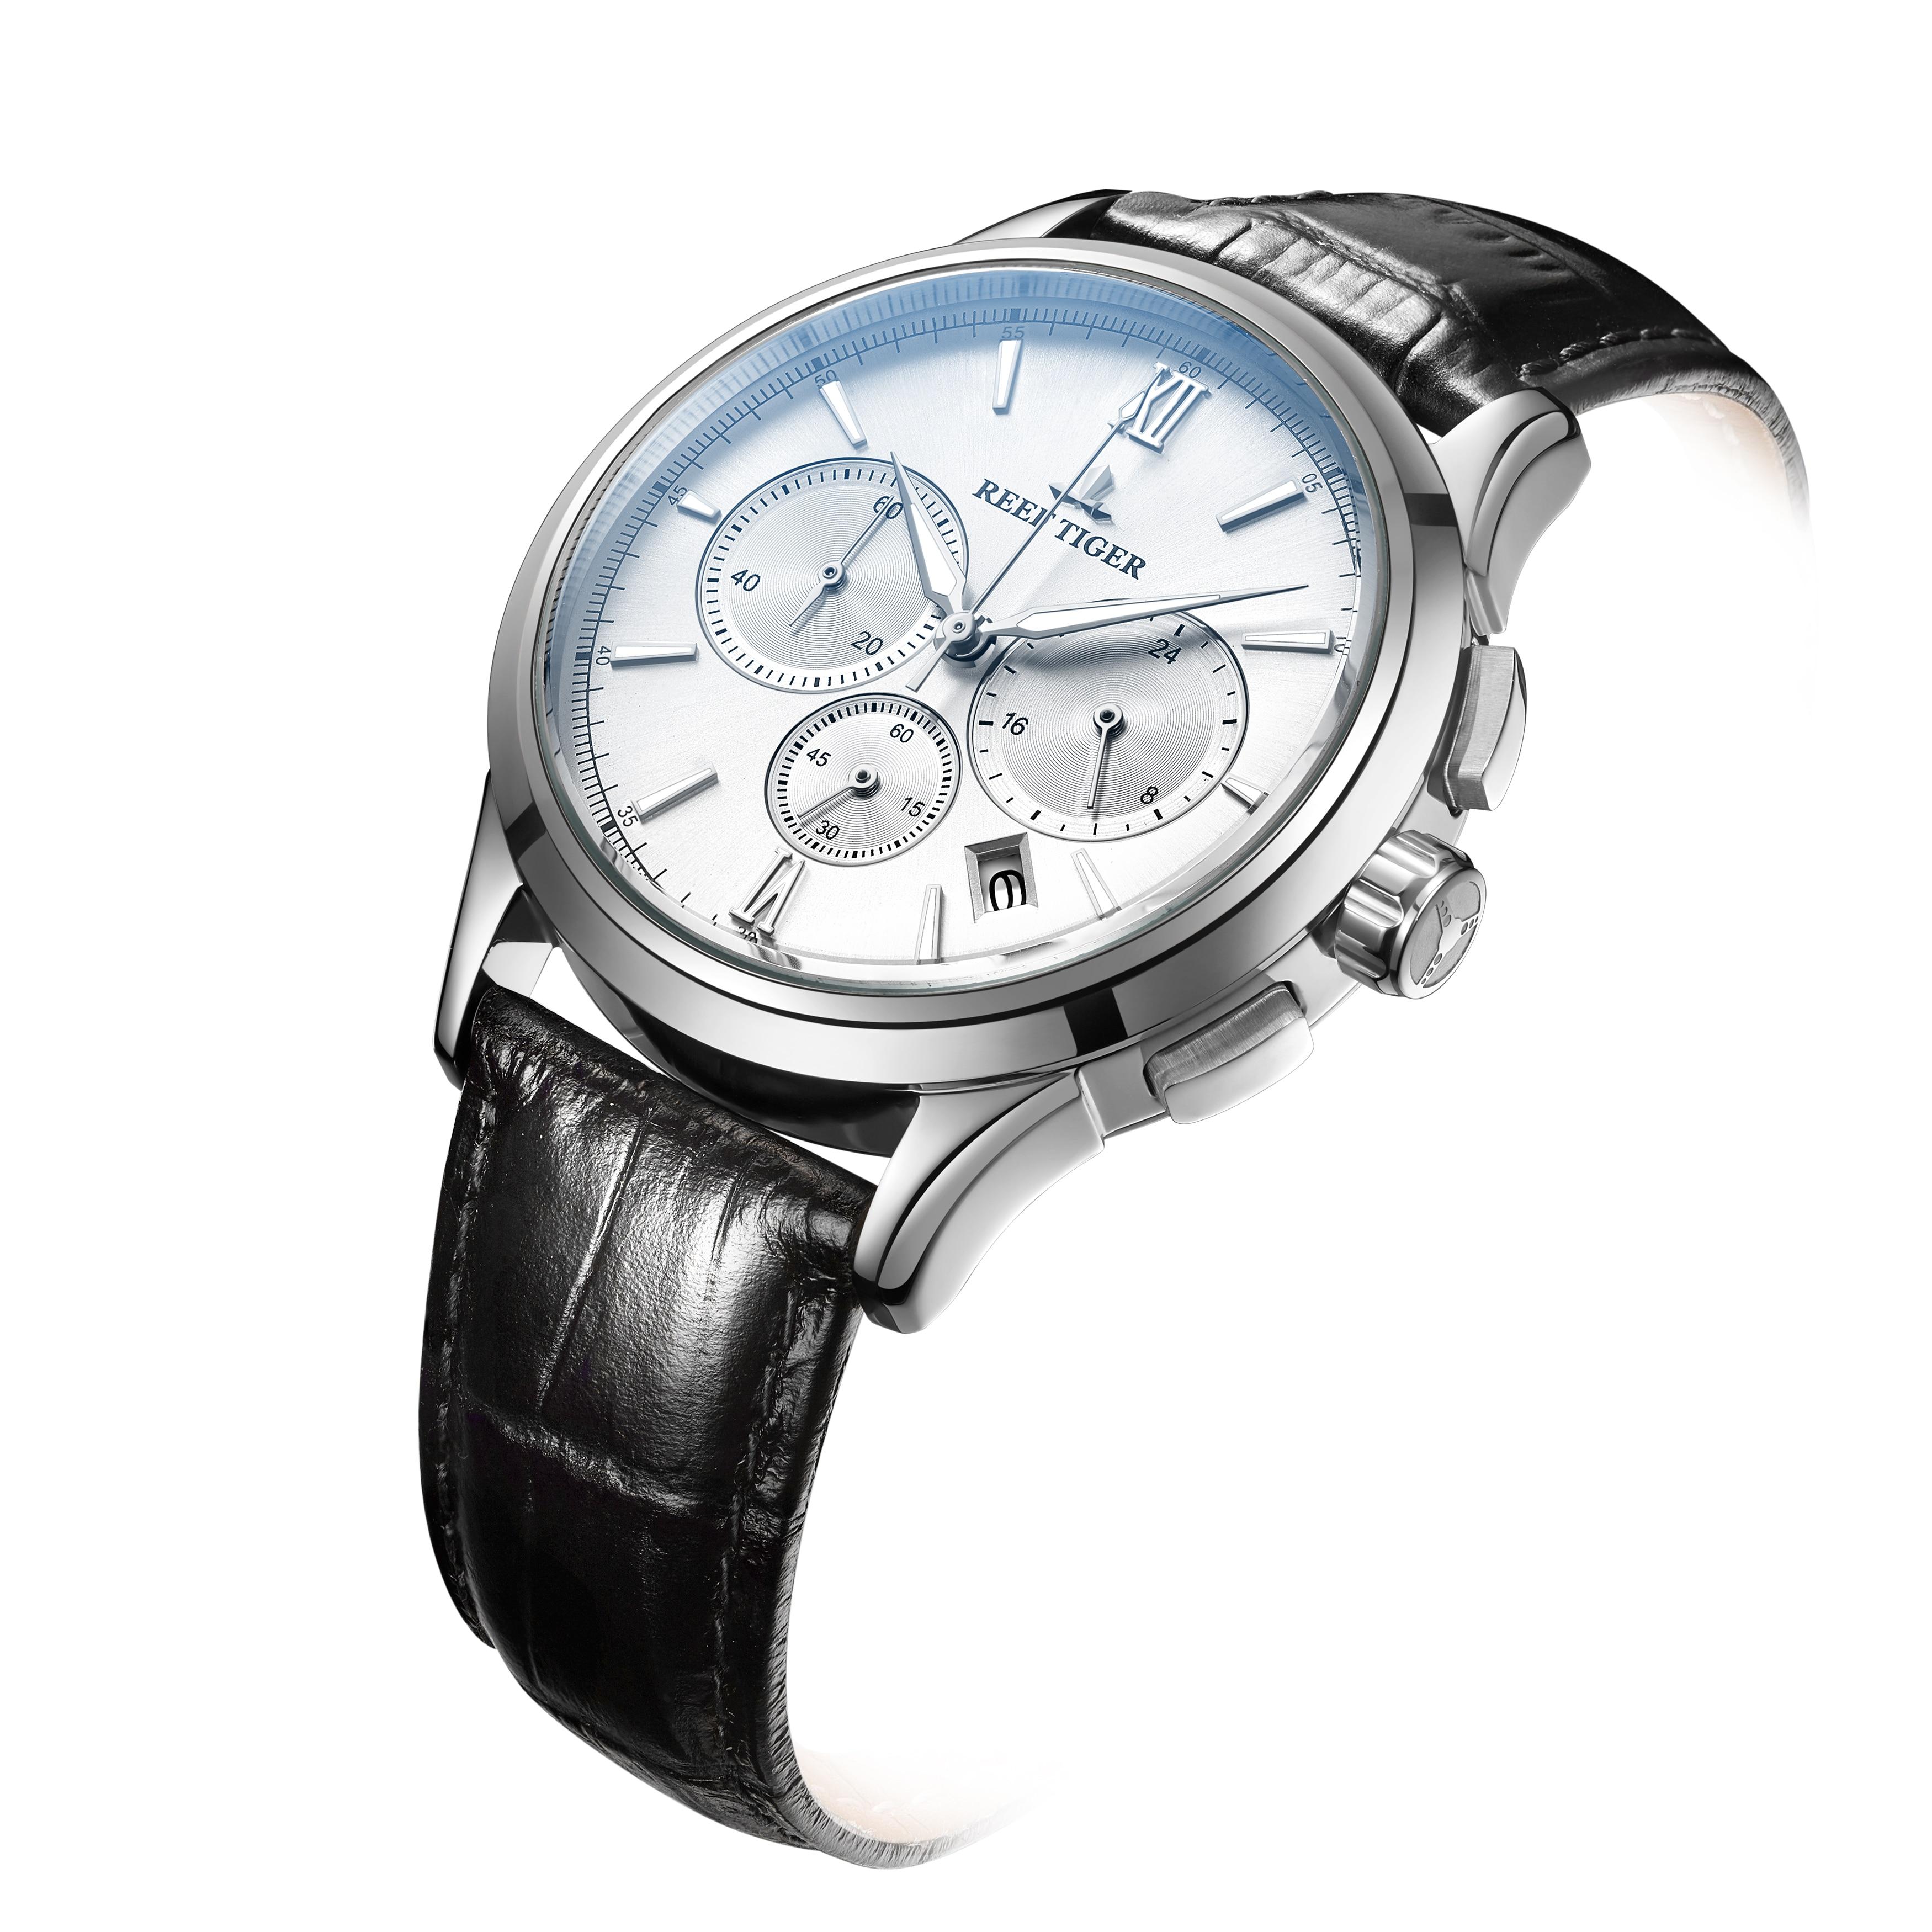 Récif tigre/RT marque de luxe montre Date cadran blanc étanche en acier inoxydable montre à Quartz montre bracelet en cuir RGA1669 - 3